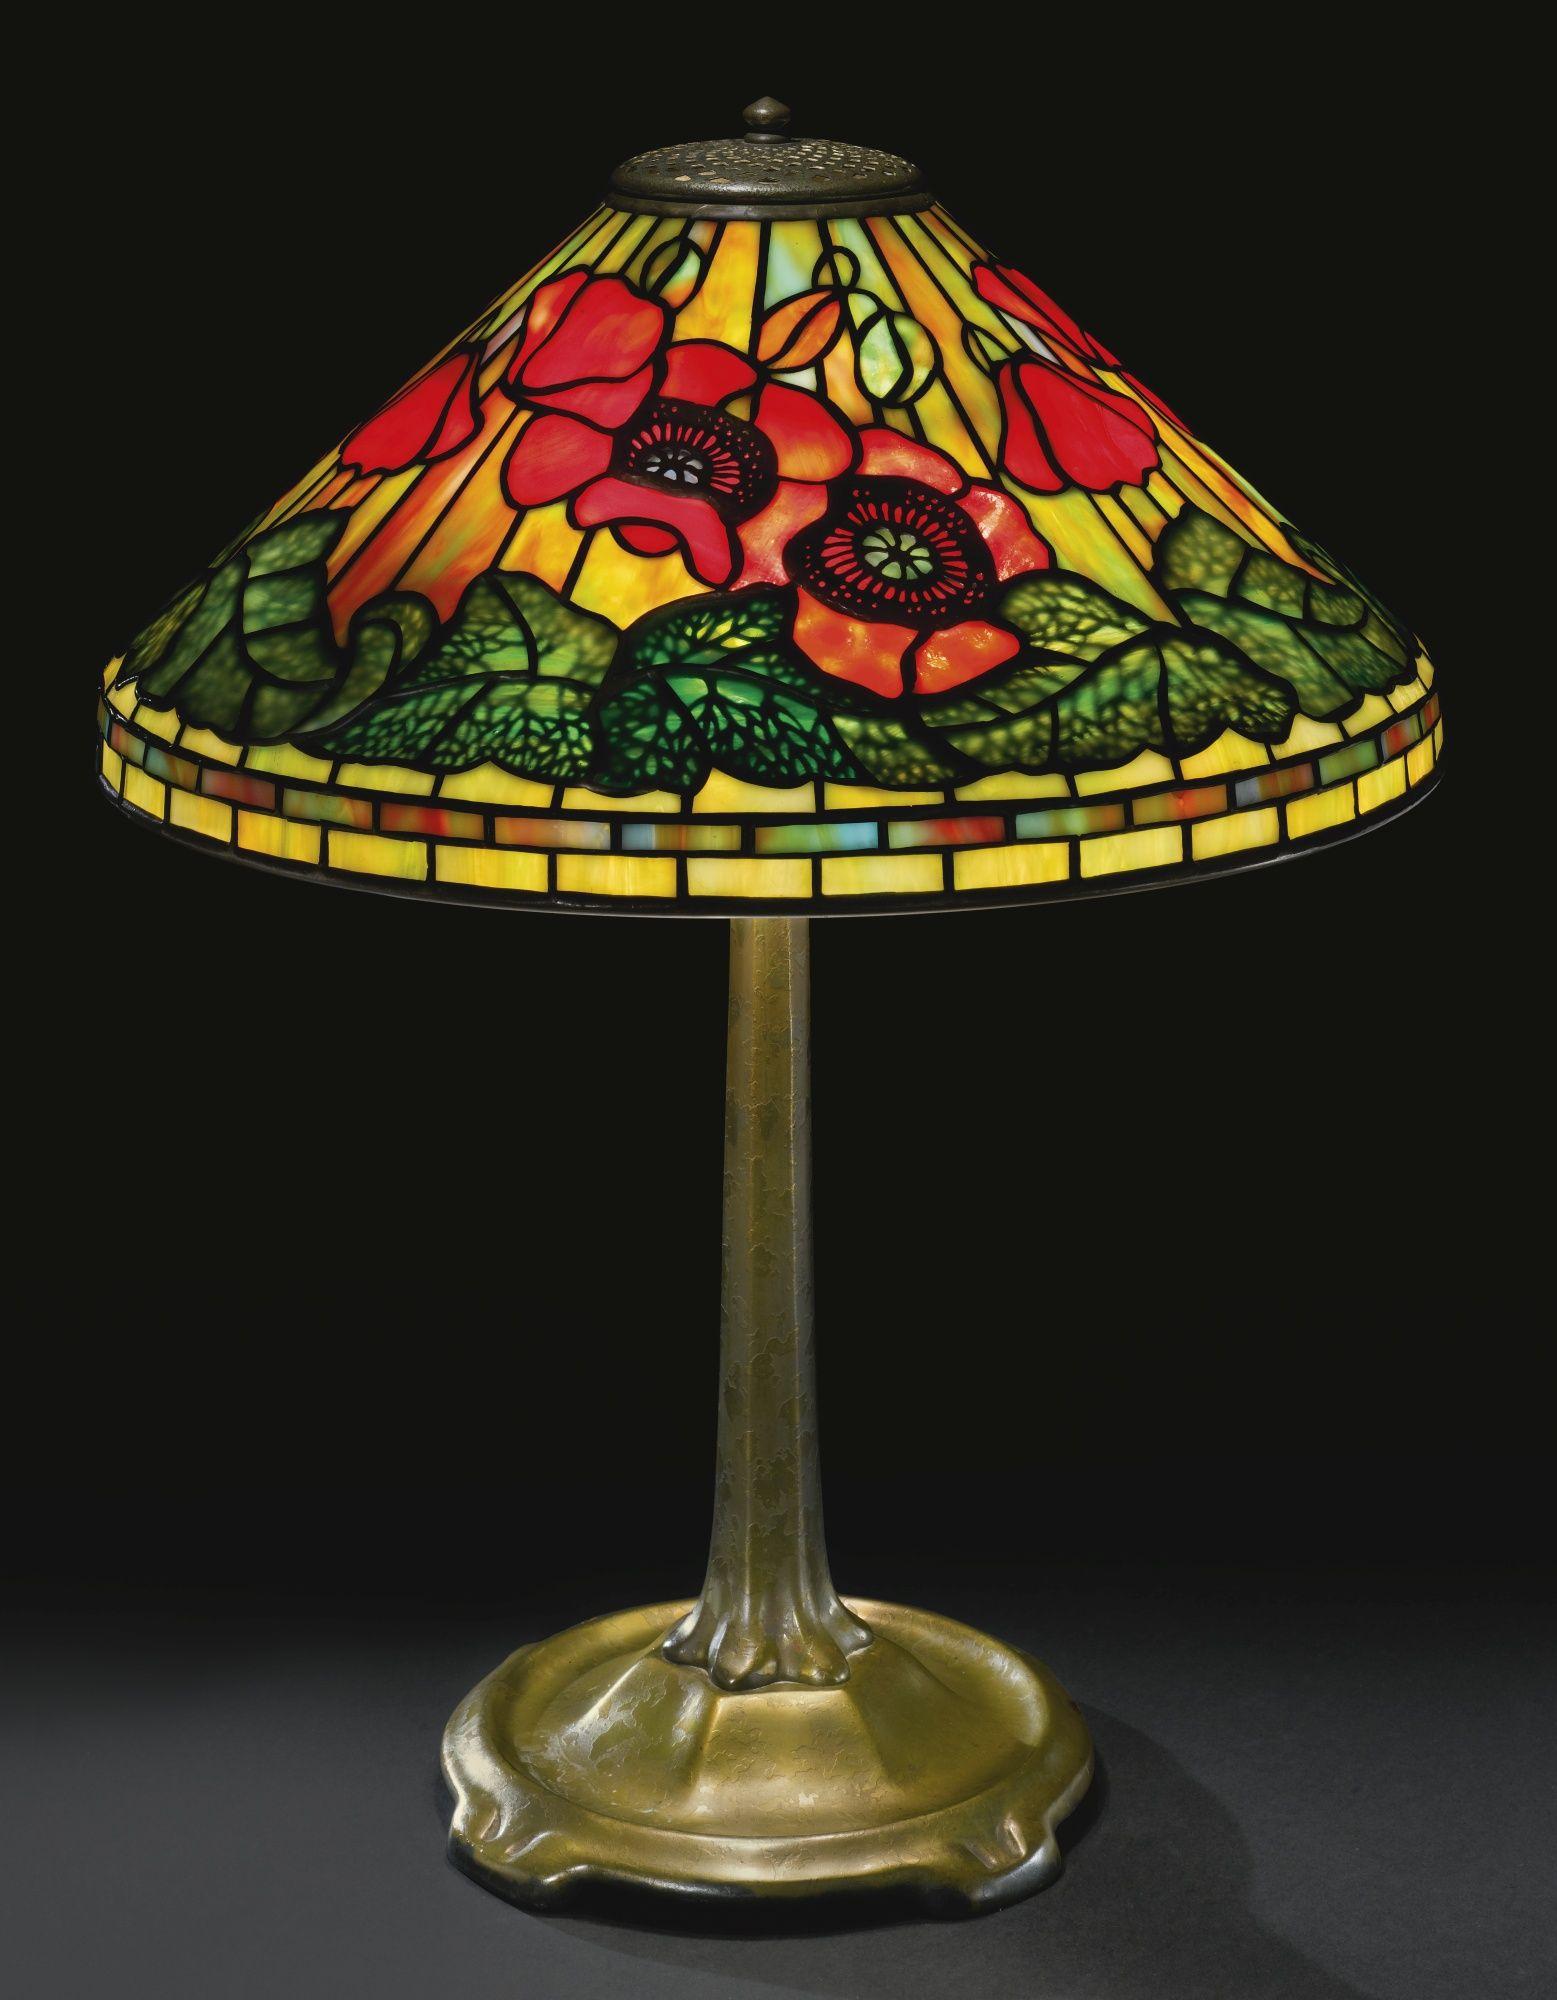 Tiffany Studios Poppy Table Lamp Shade Impressed Tiffany Studios N Y 1461 Base Impressed Tiffany Studios New York 53 Lampade Tiffany Lampade Vaso Di Vetro